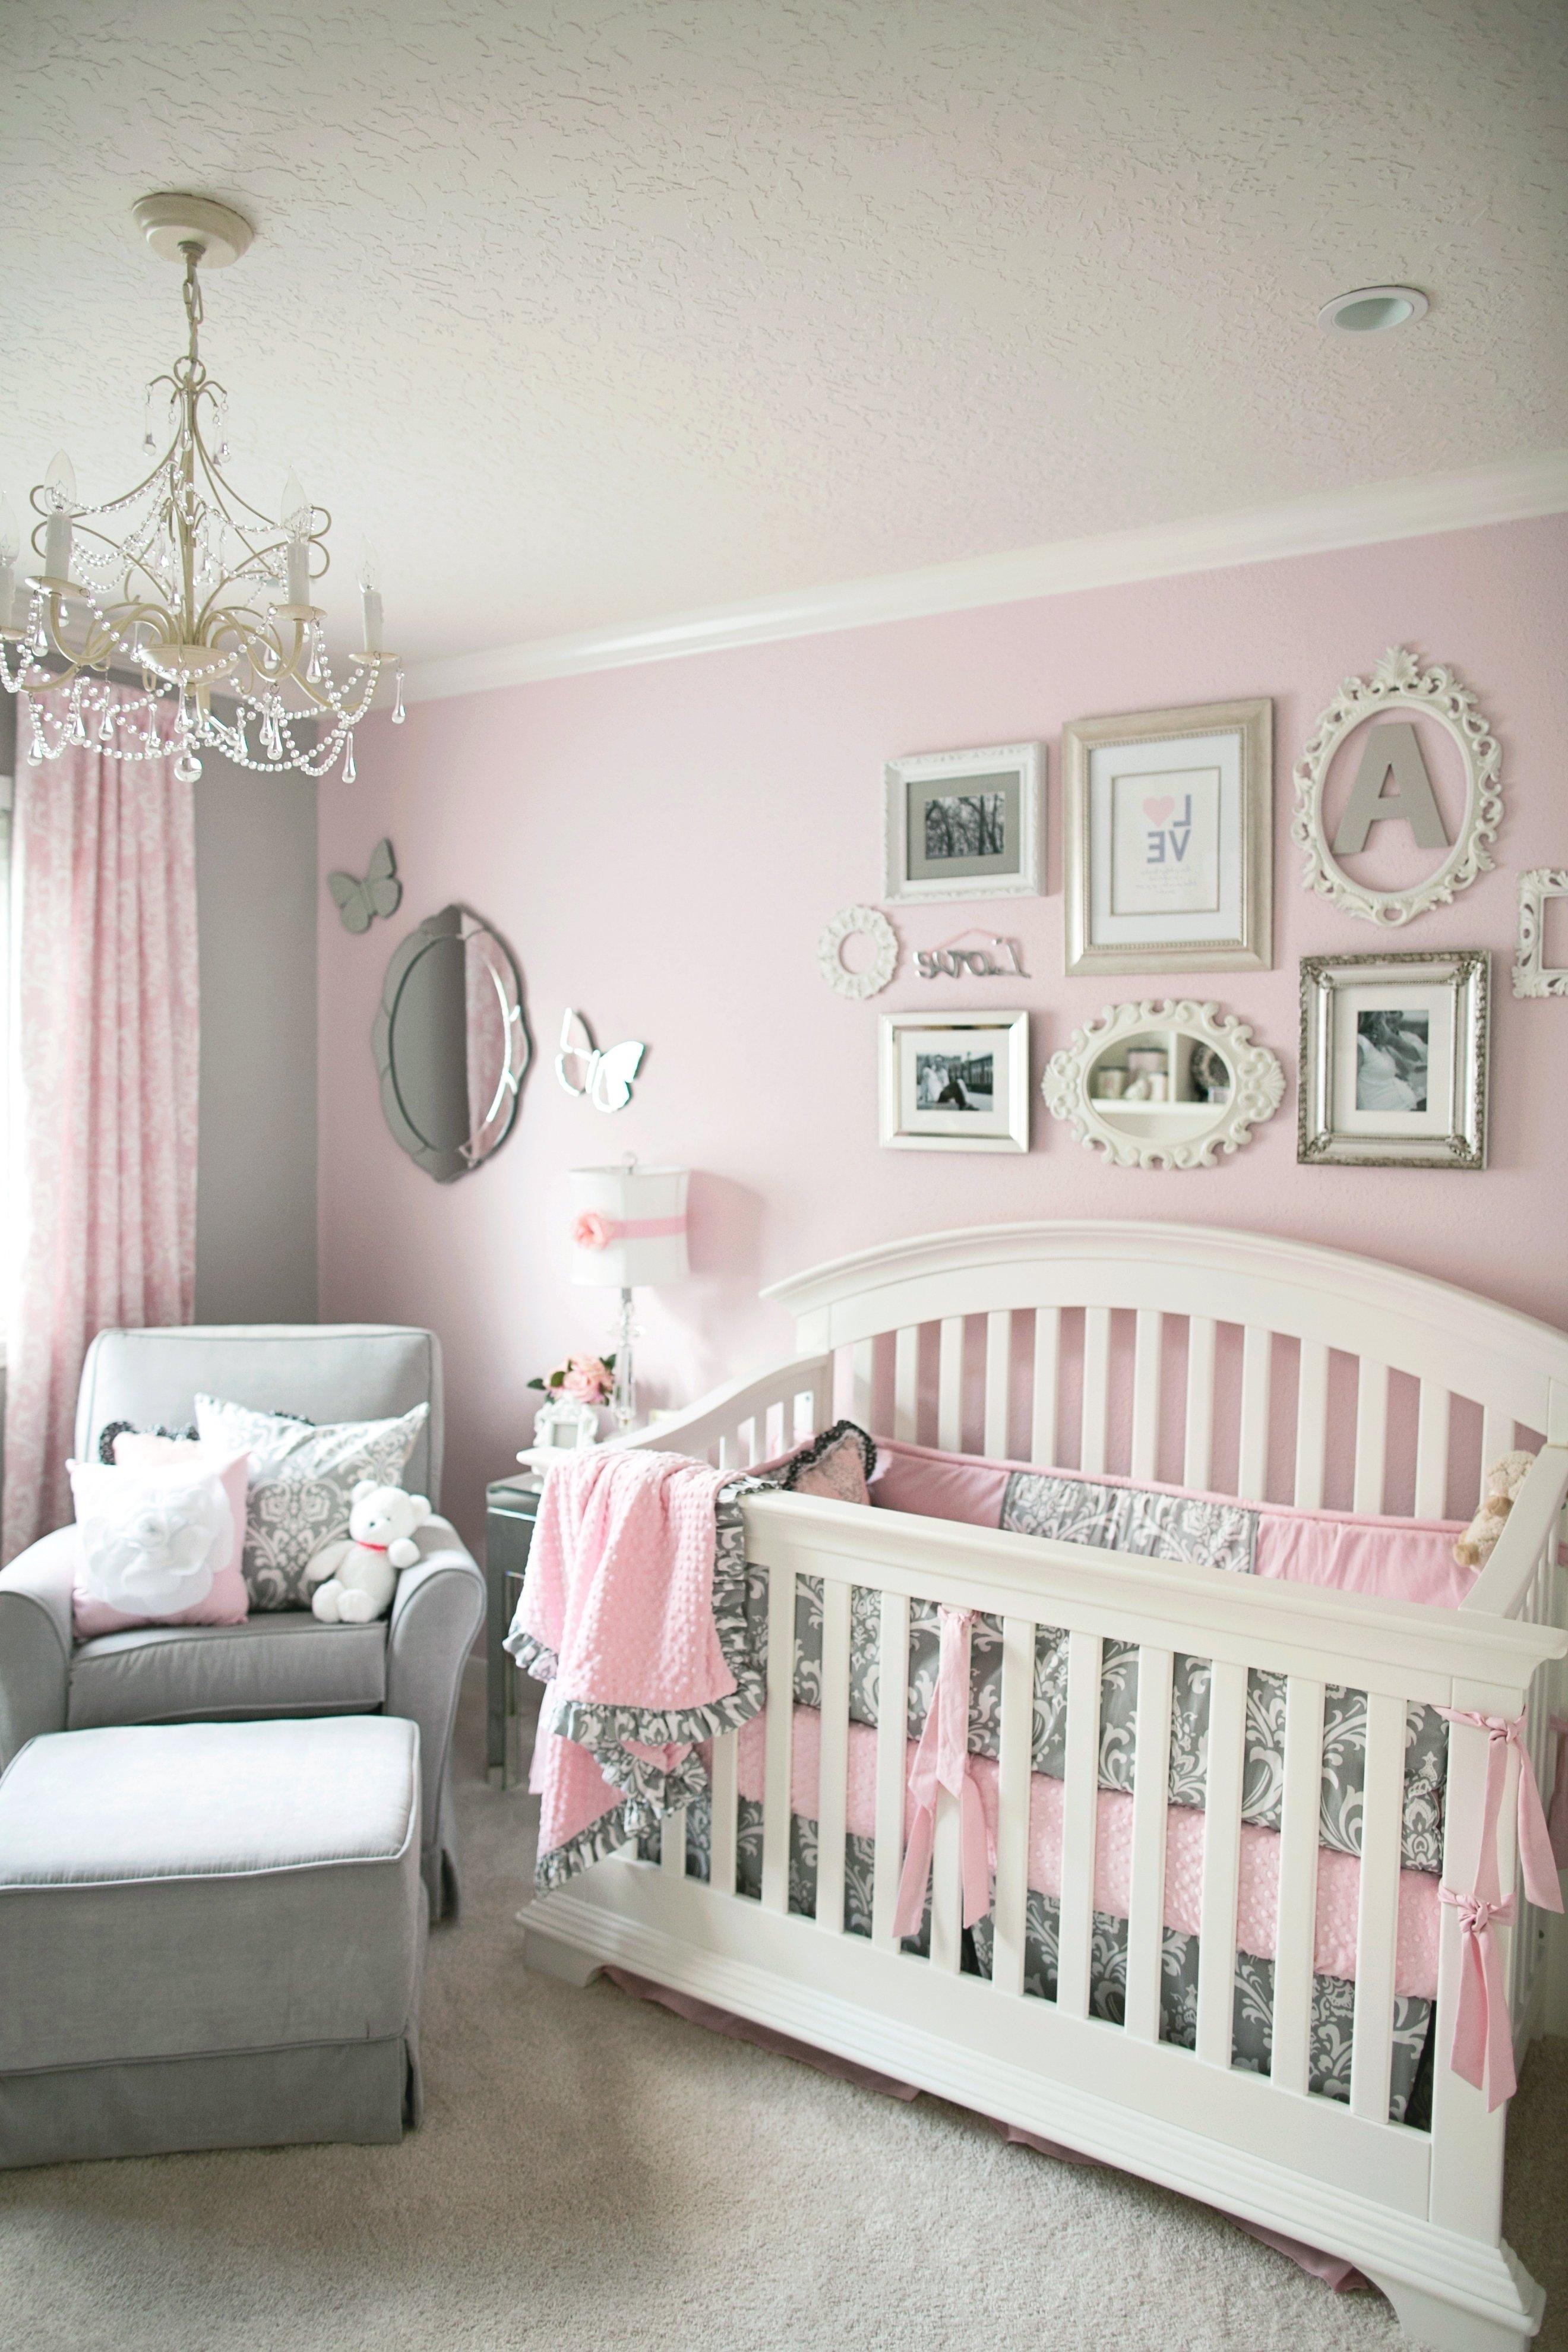 10 Spectacular Baby Nursery Ideas For Girls baby nursery cozy fresh neutral decor ideas with contemporary ba 2021